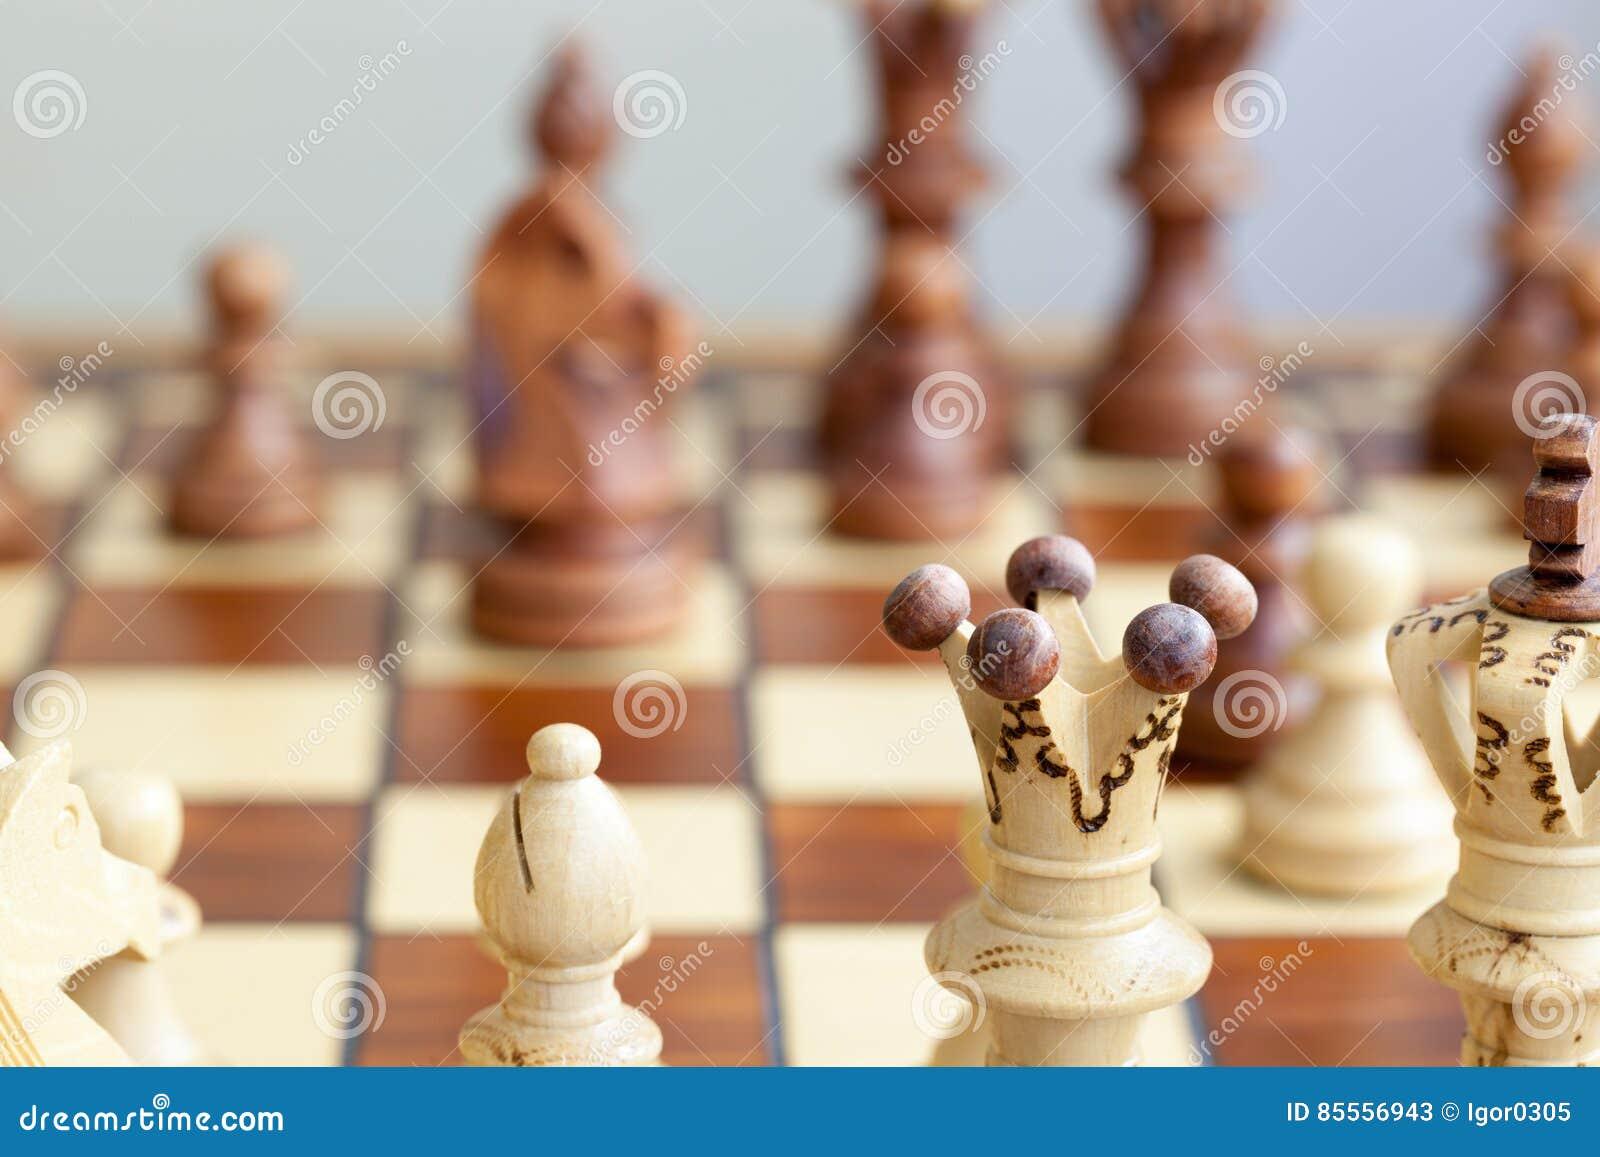 Nahaufnahme von Schachfiguren auf Schachbrett